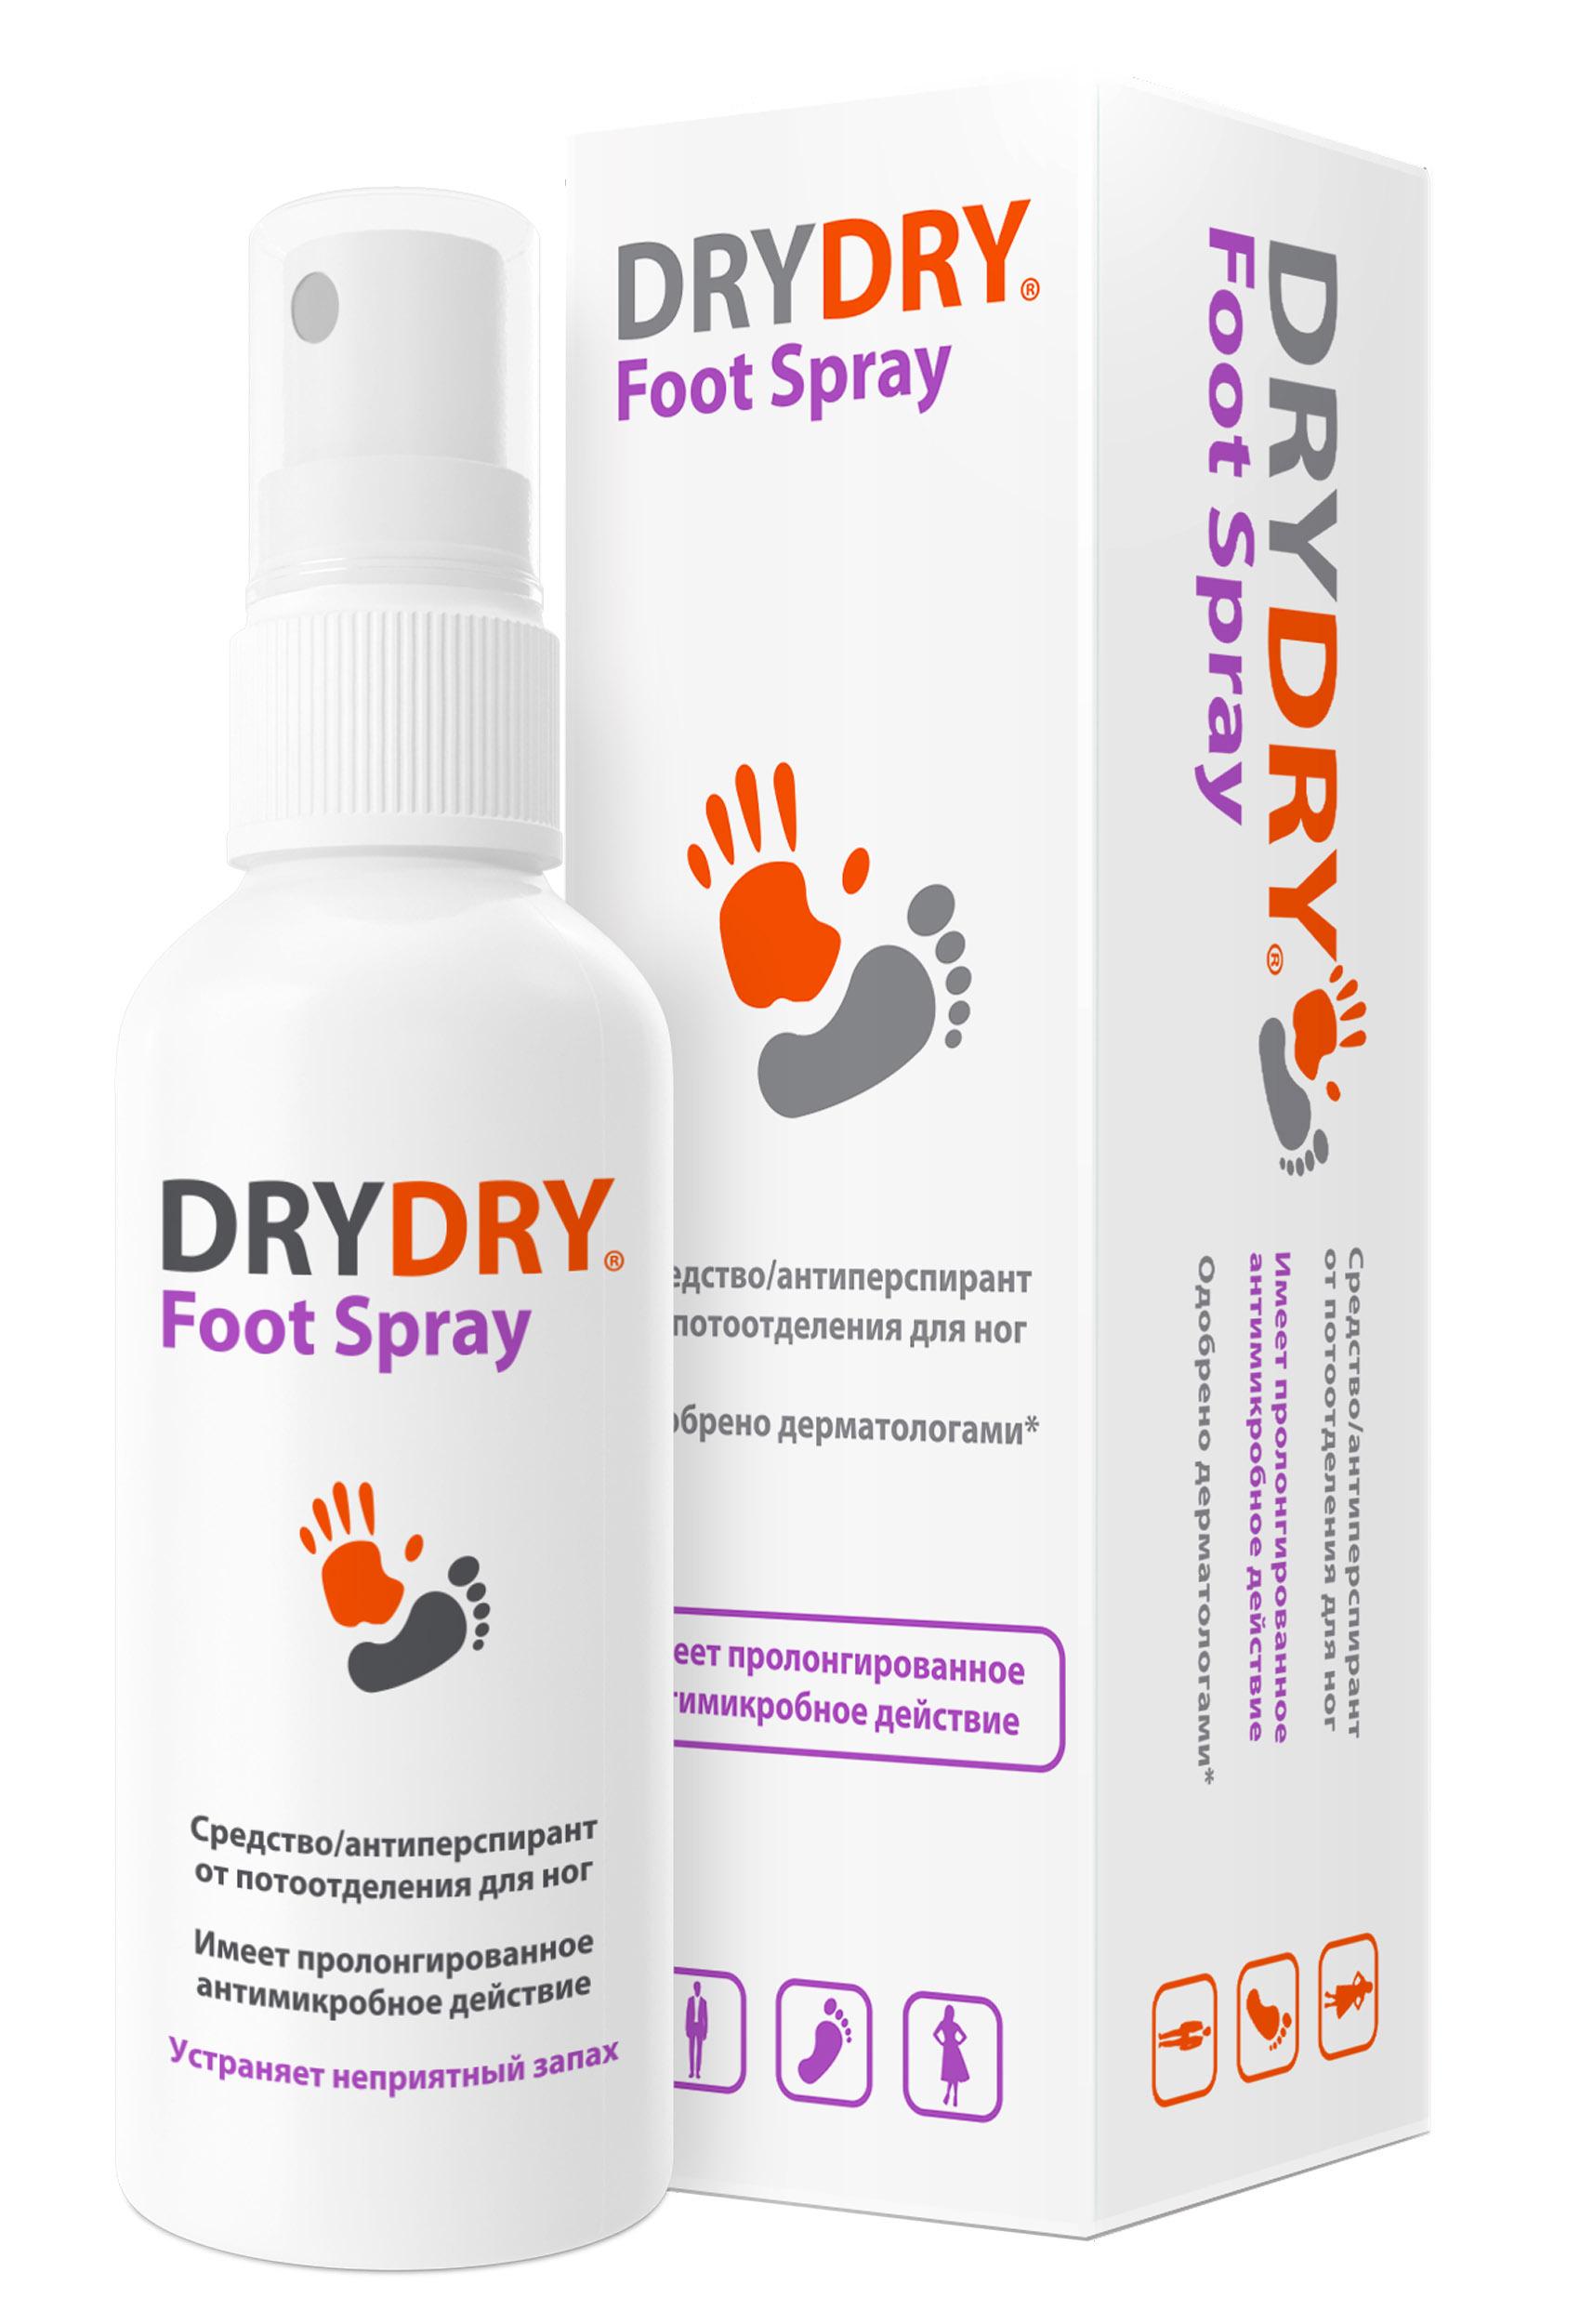 Купить Dry Dry Средство от потовыделения ног Фут Спрей 100 мл (Dry Dry, Foot Spray), Швеция